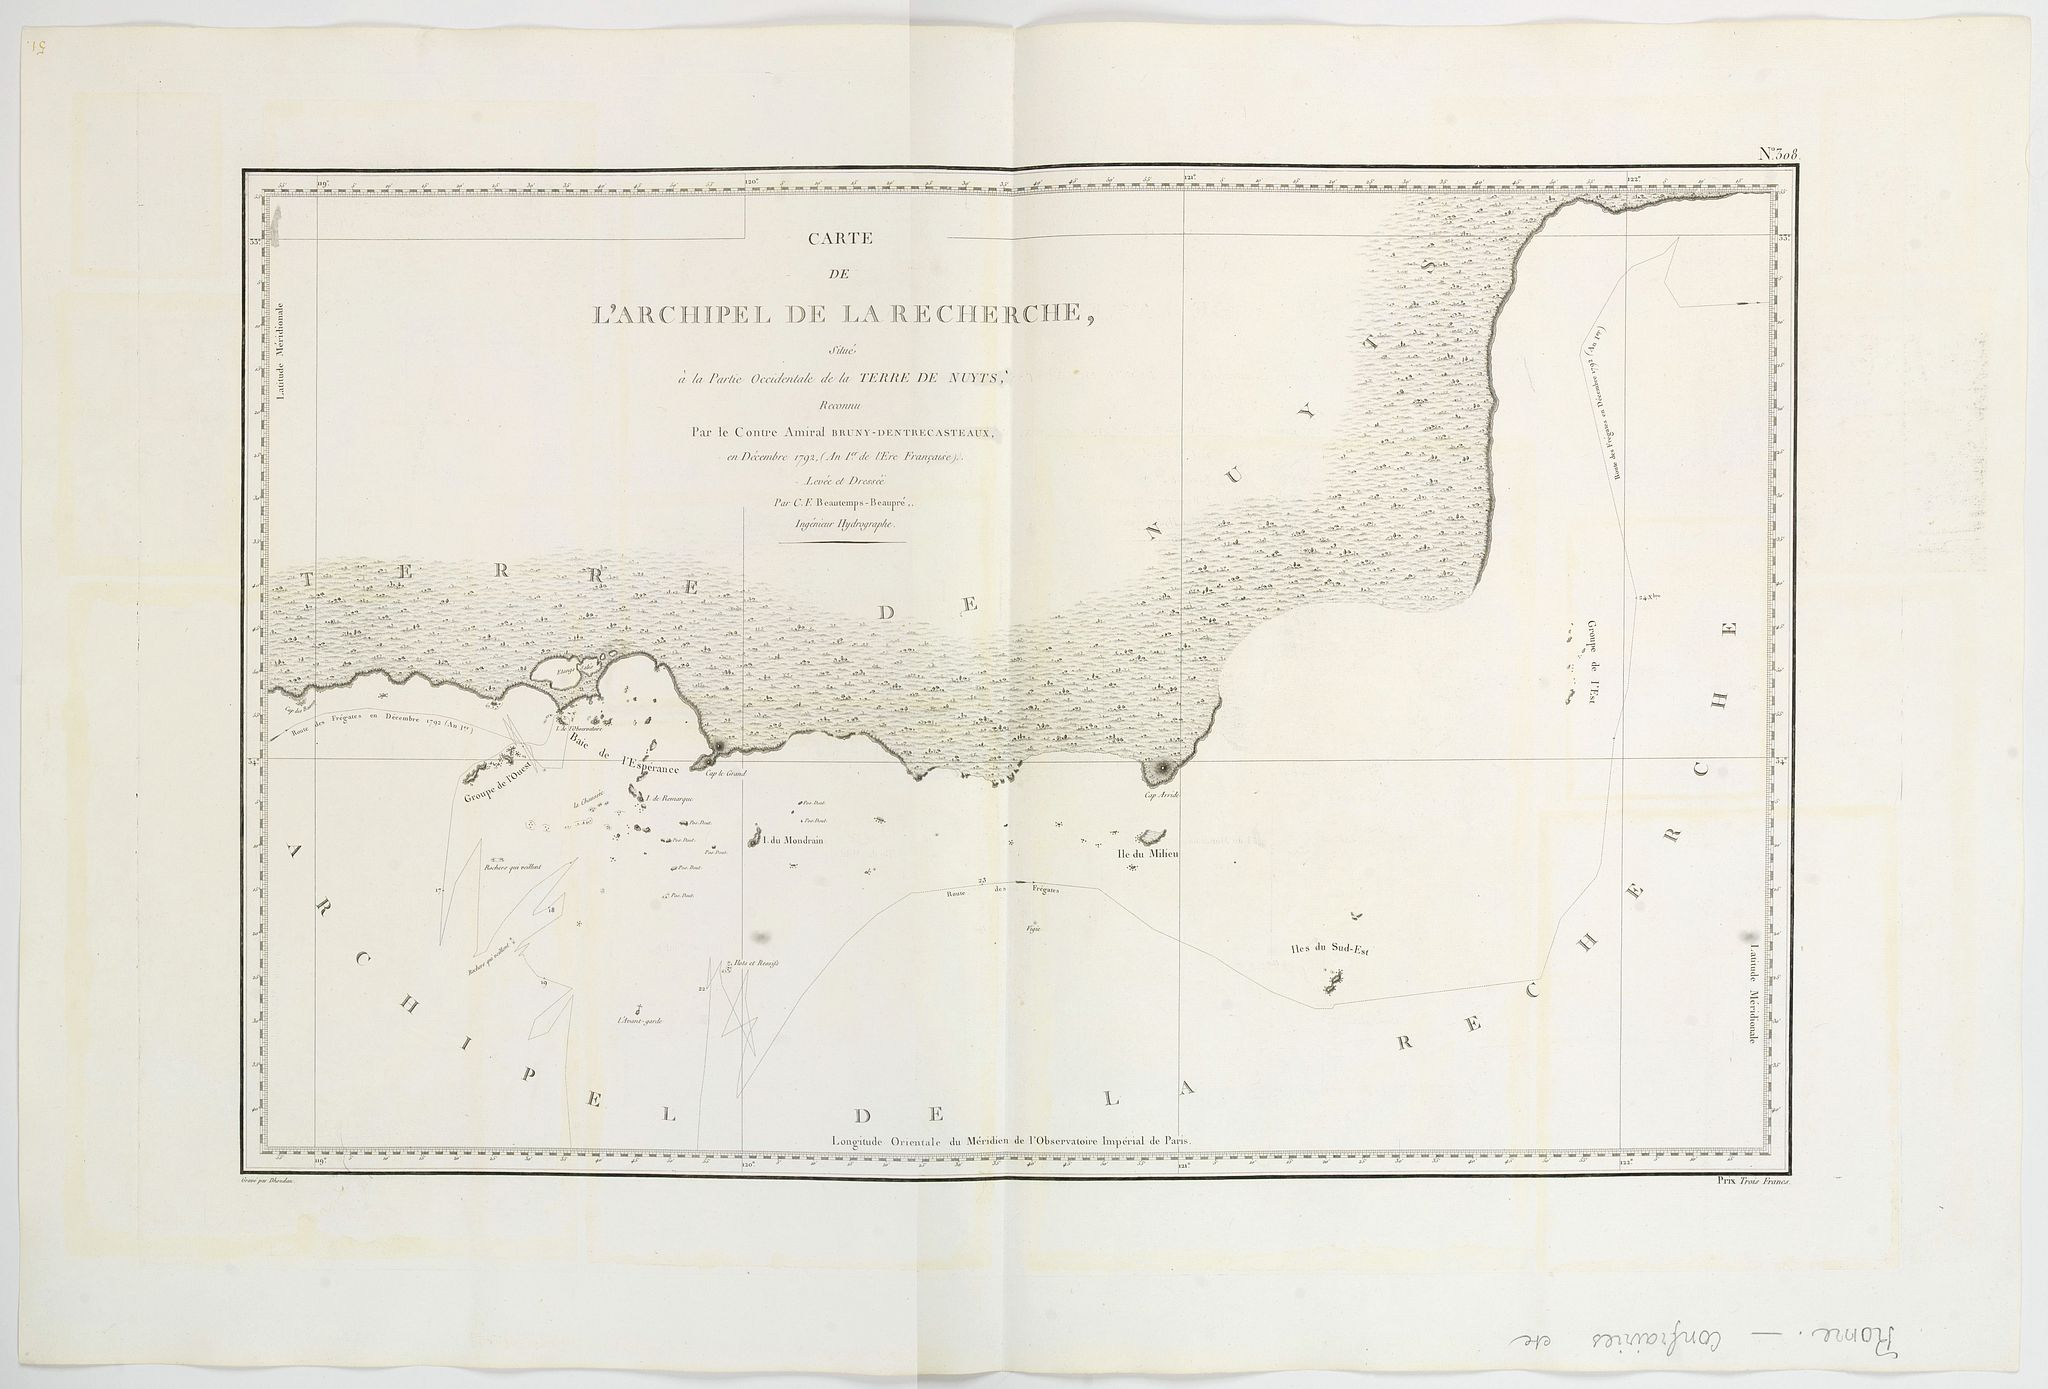 BEAUTEMPS-BEAUPRE, C.F. -  Carte de L'Archipel de La Recherche a la partie Occidentale de la Terre de Nuyts. . .